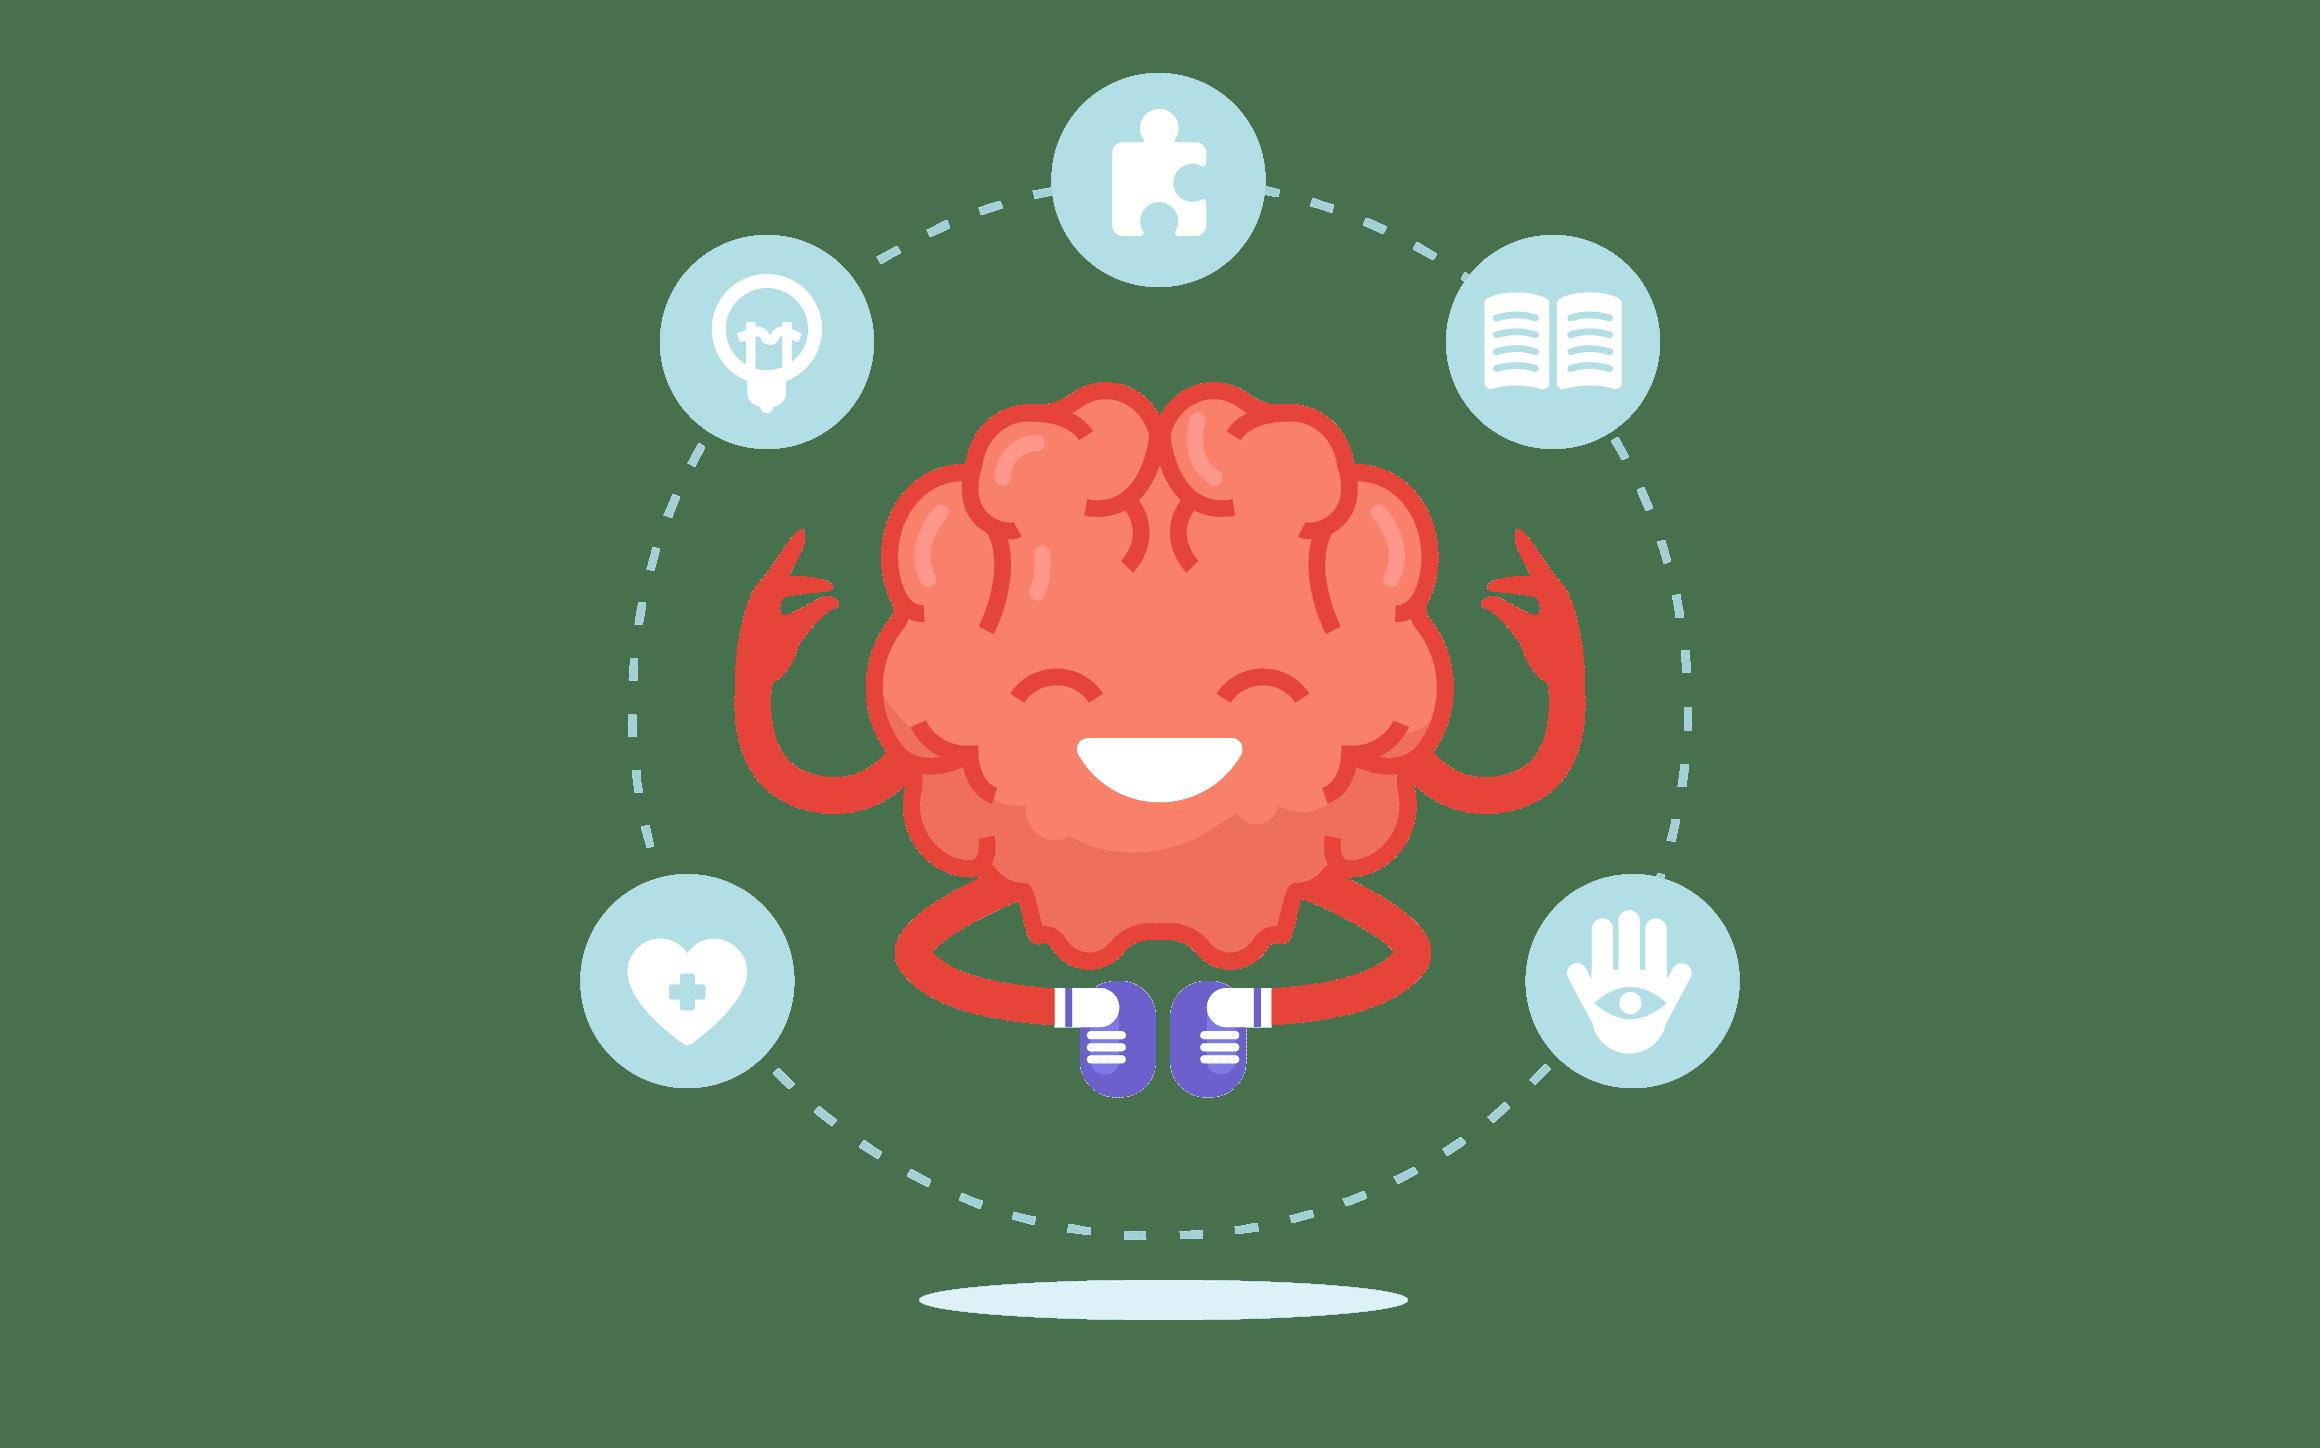 ¿Cómo se relaciona nuestro cerebro con el marketing?